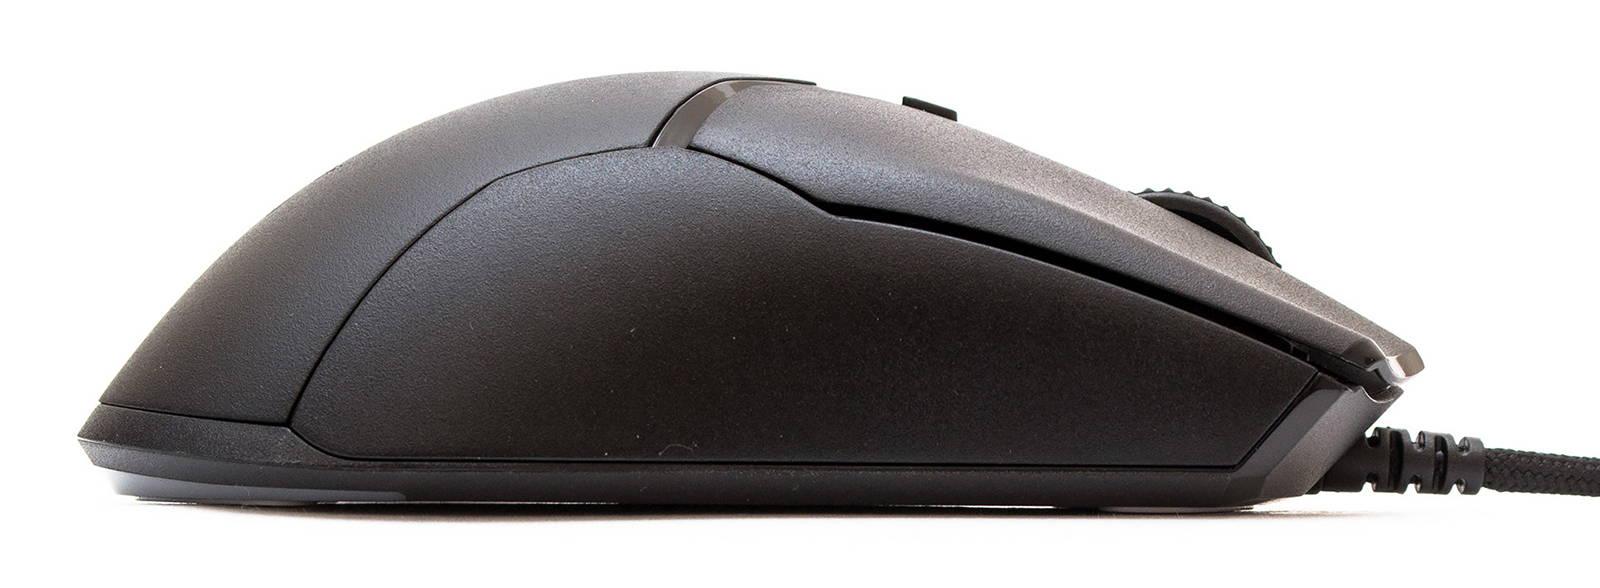 Мышка Razer Viper Mini. Фото 8